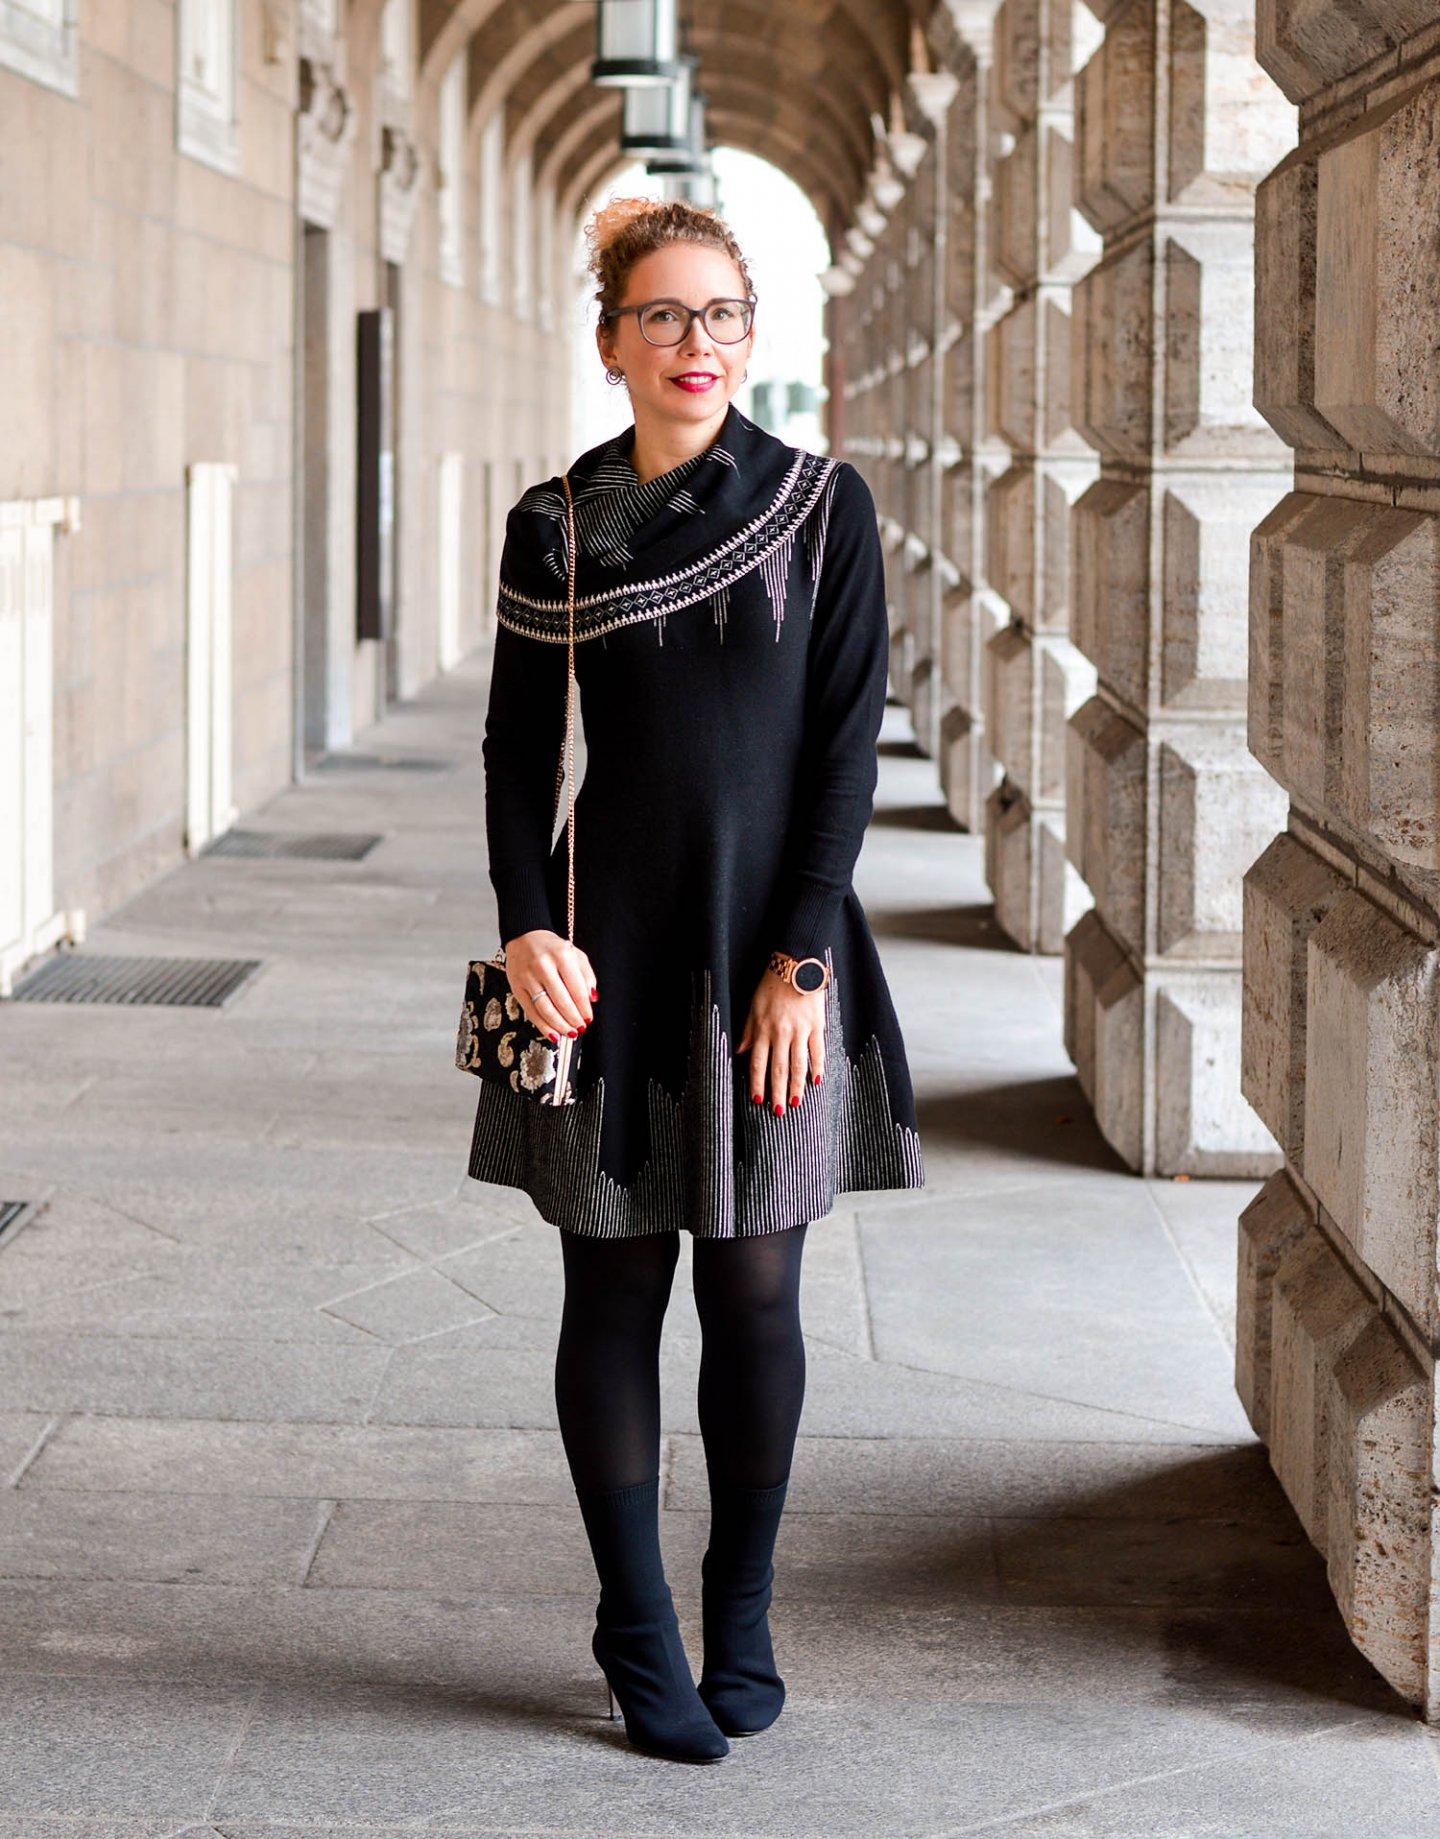 Ausgestelltes-Strickkleid-Sockboots-Abendtasche-Kationette-Fashionblog-Germany-Outfit